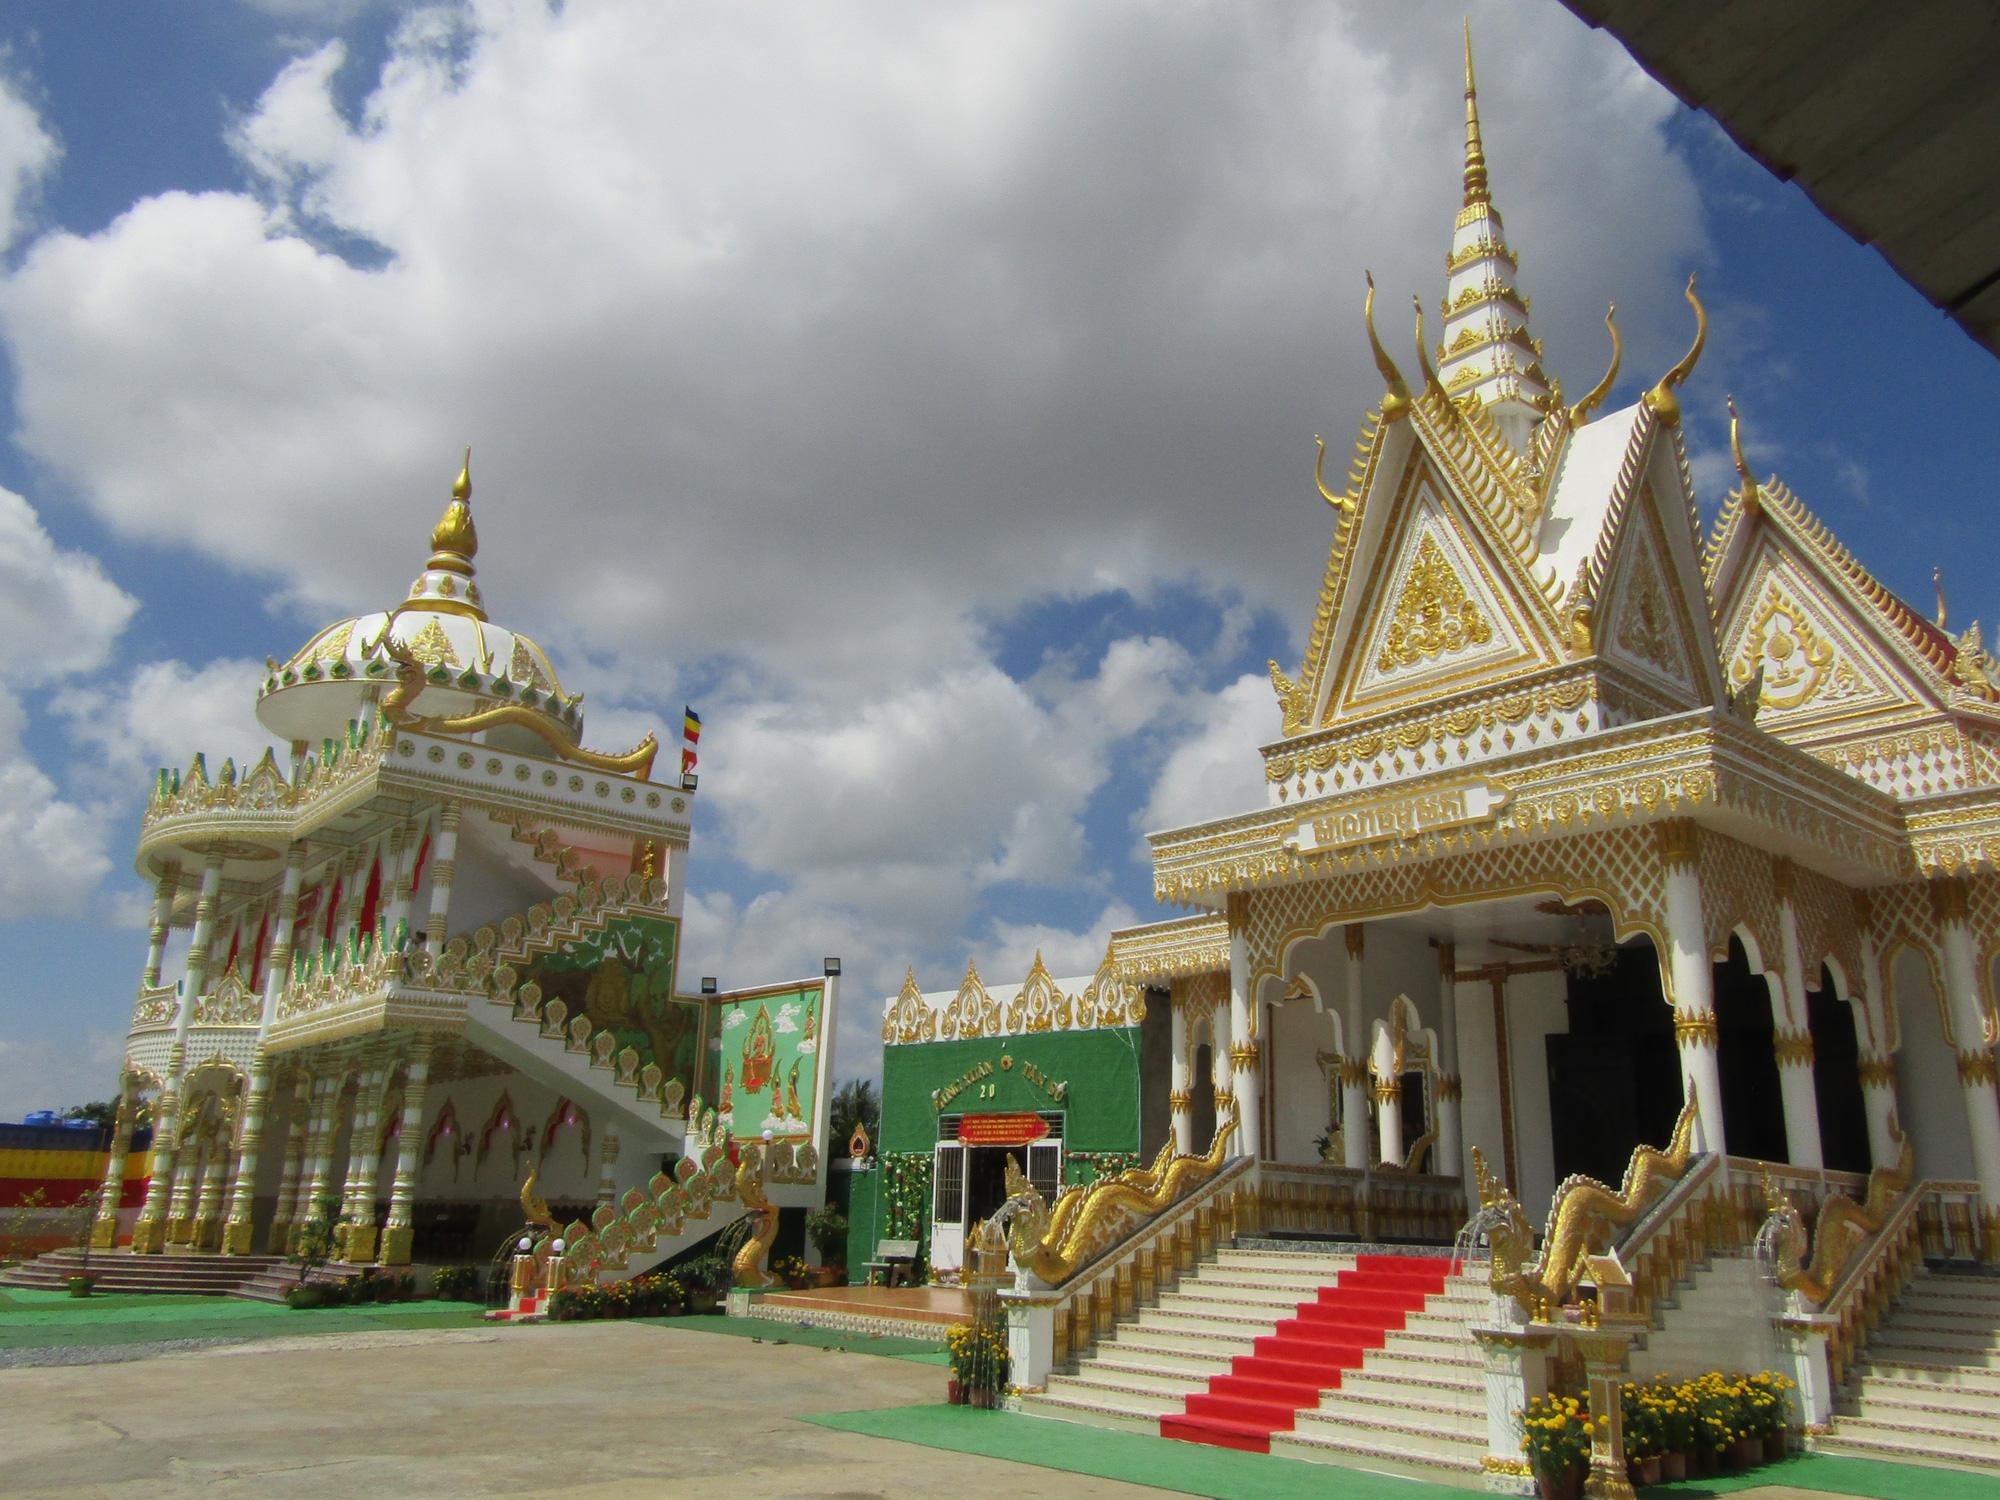 """Độc đáo ngôi chùa """"Thái Lan"""" đang sốt rần rần ở tỉnh Sóc Trăng - Ảnh 4."""